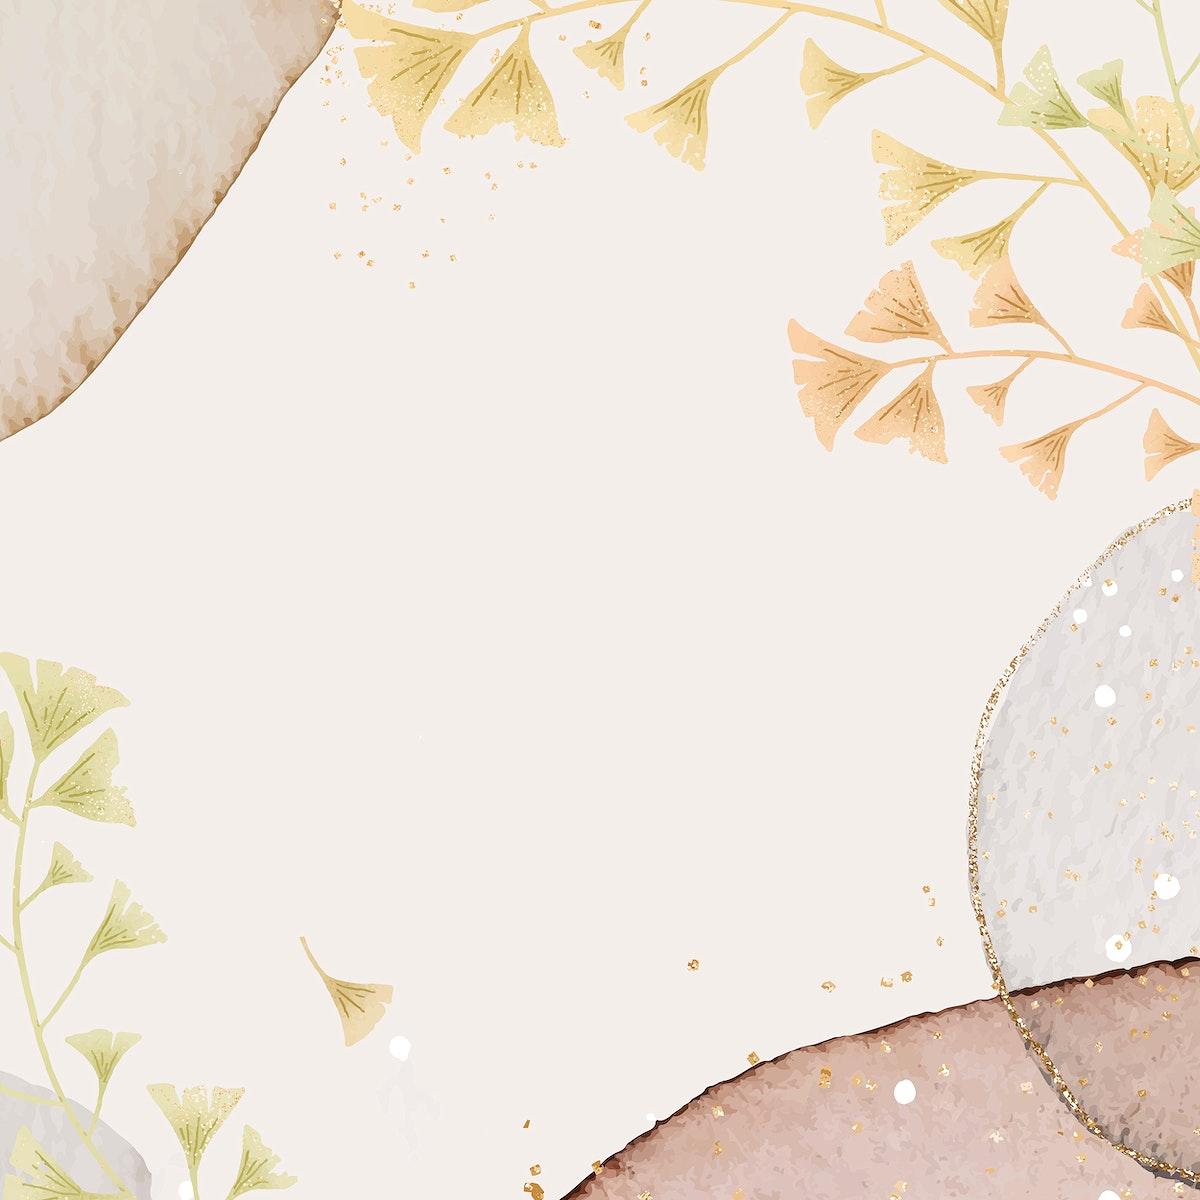 Glitter ginkgo leaves vector frame design